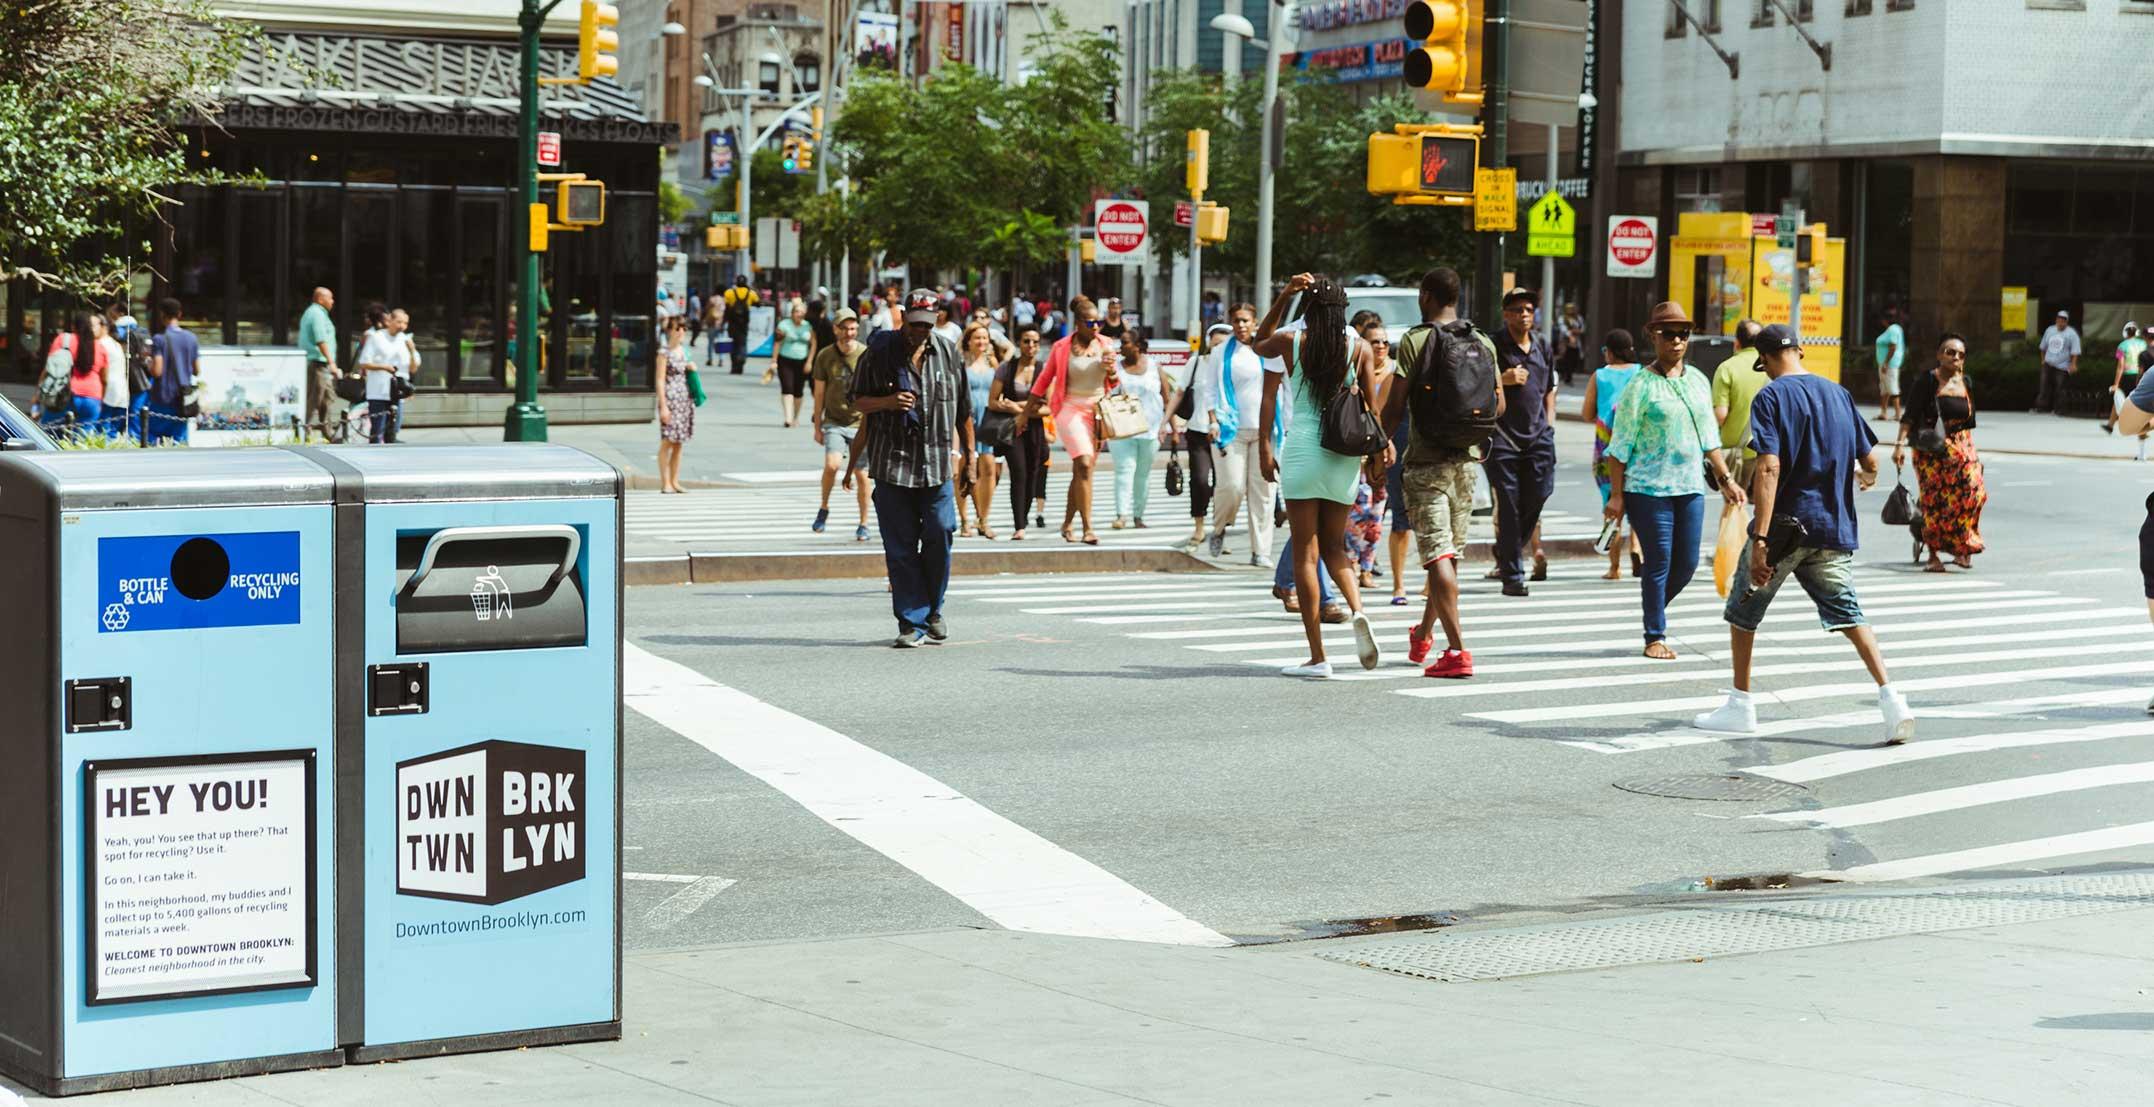 Big-Belly-Adams-Street-Pedestrians-2x.jpg#asset:4386